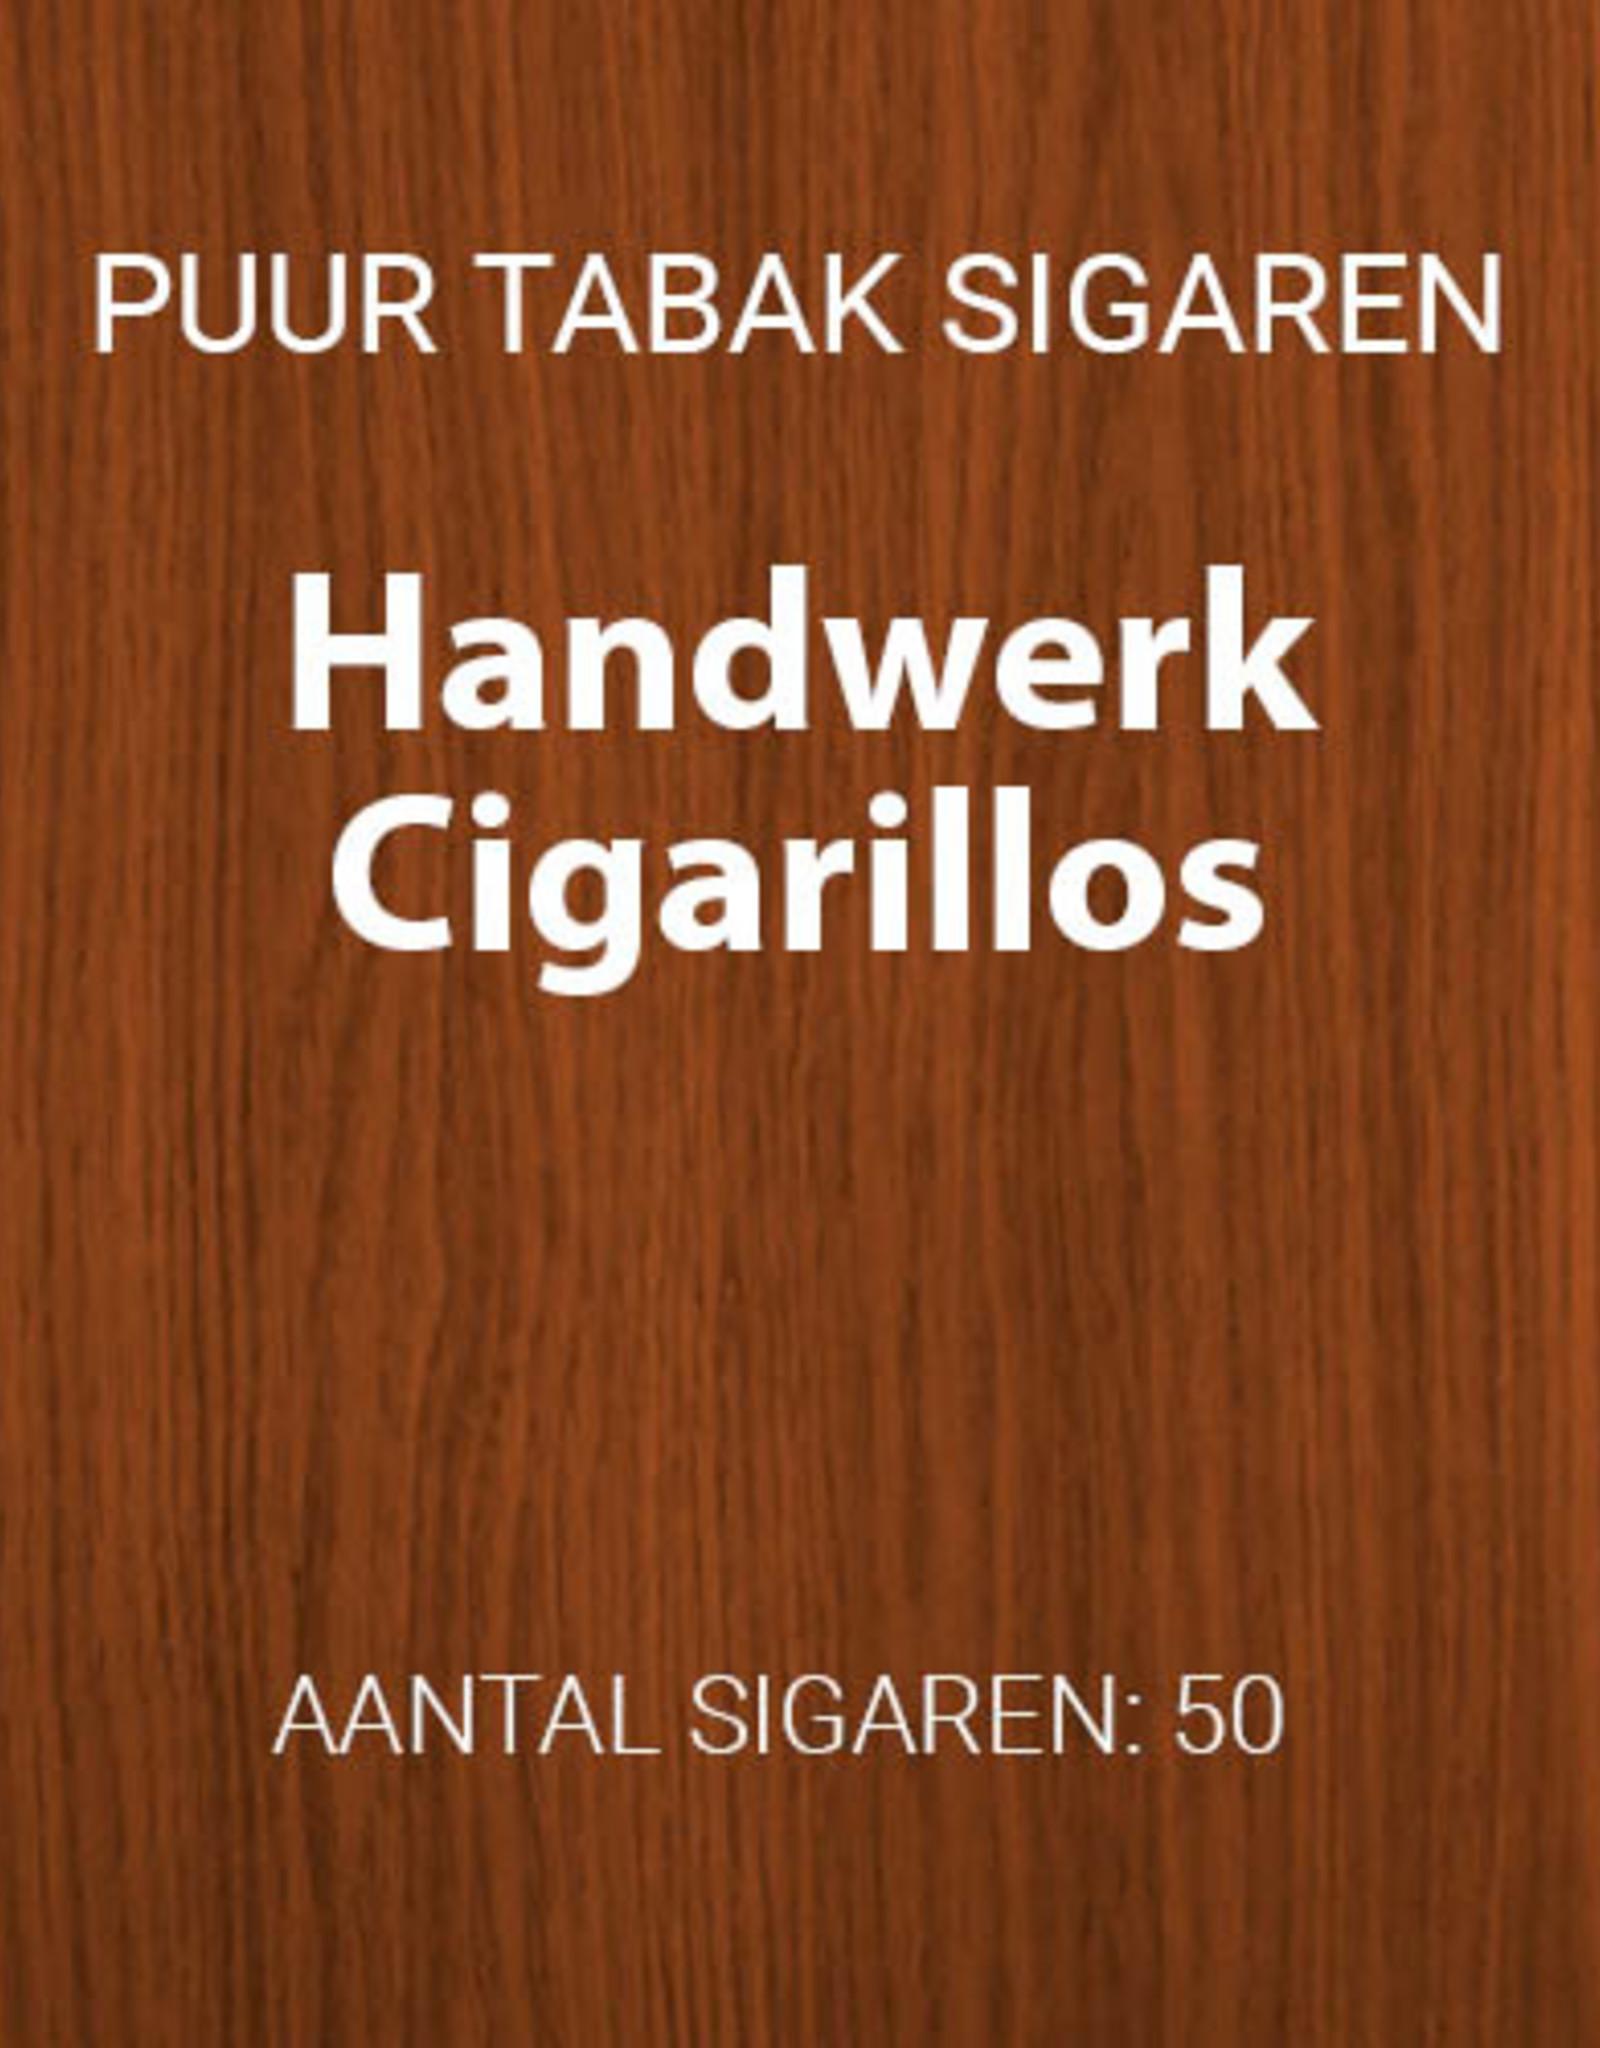 Handwerk Cigarillos | 100% tabak